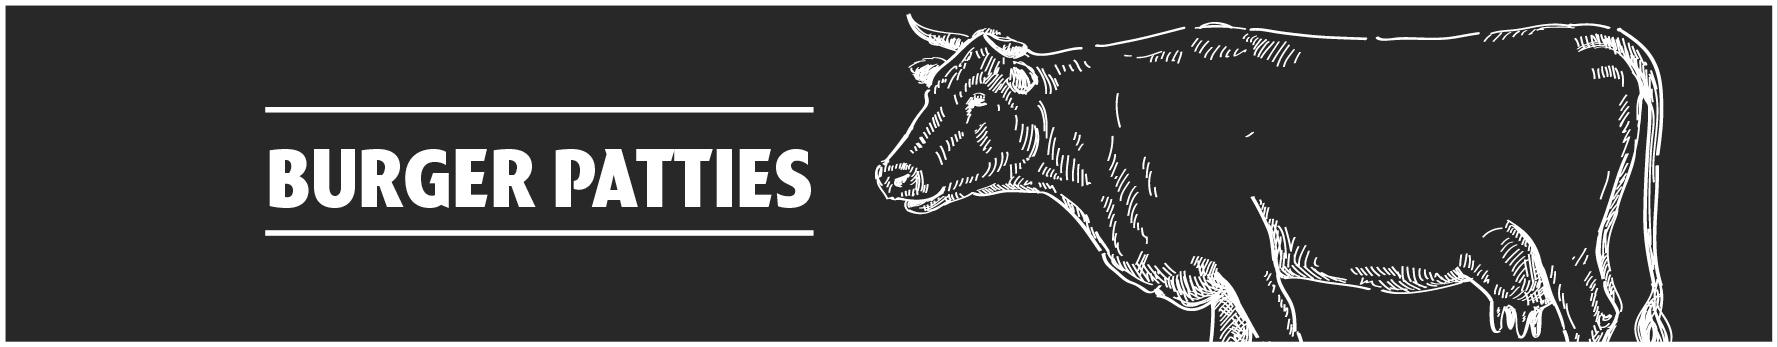 Burger Patties & Buns online kaufen bei Don Carne.de » Nur allerbeste Qualität ✔ Sichere & schnelle Lieferung ✔ Kontrollierte und zertifizierte Herkunft ✔ Kostenloser Versand ab 99€ Bestellwert ✔